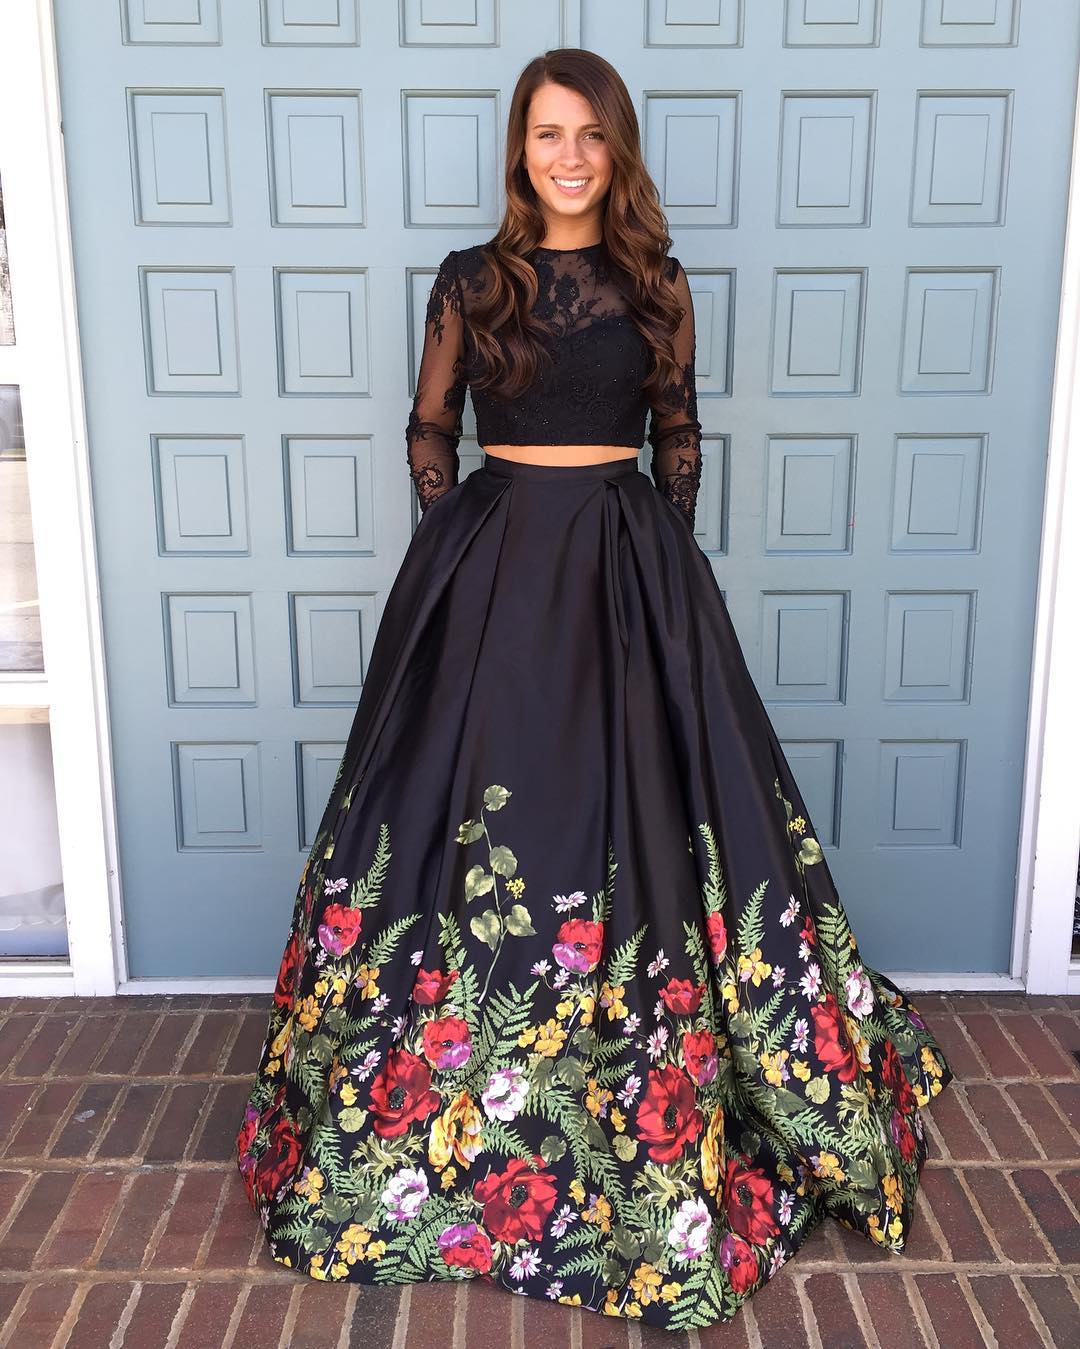 Fullsize Of Long Prom Dresses